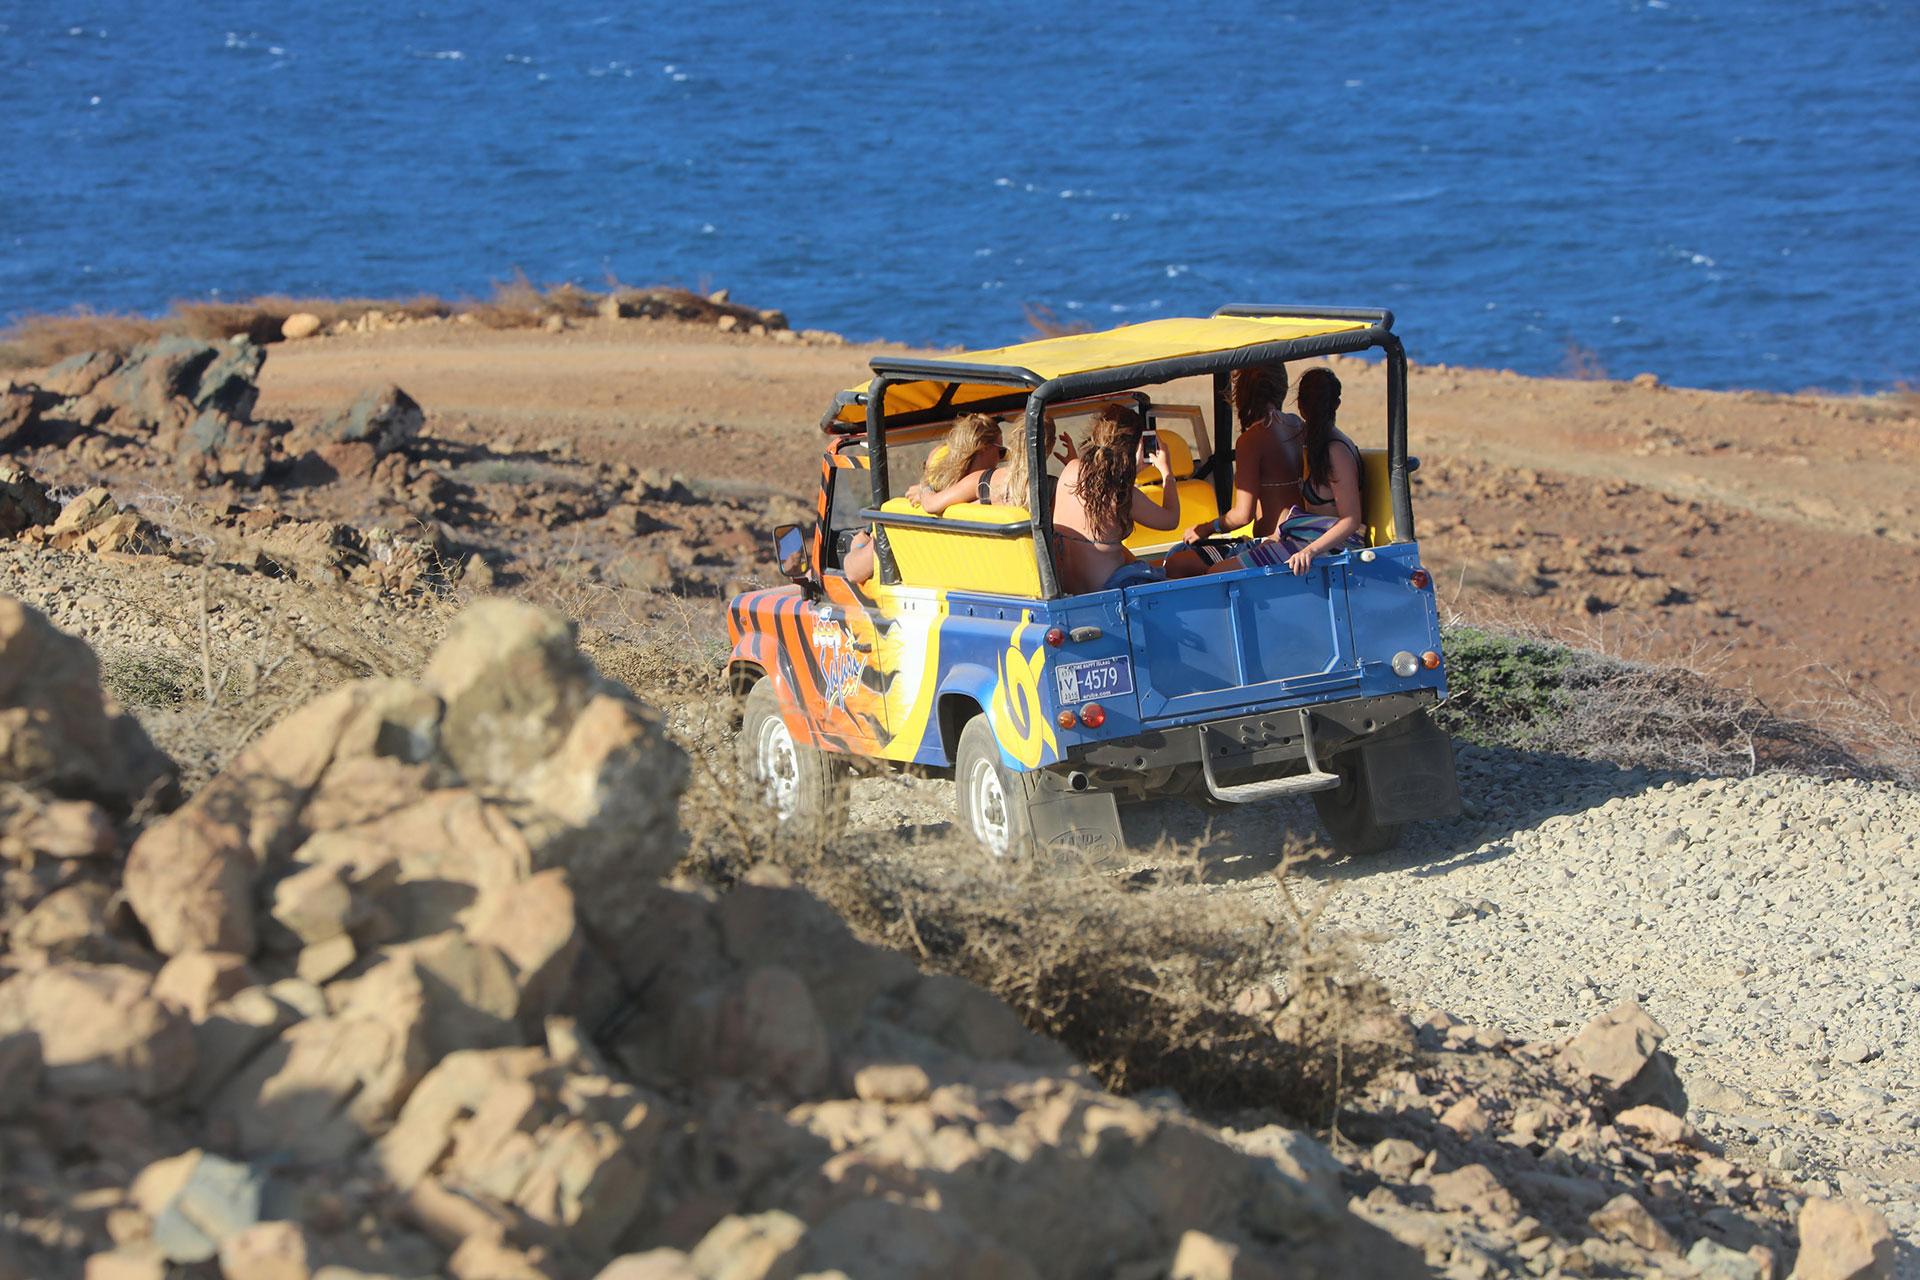 ATV Tour in Aruba; Courtesy of ABC Tours Aruba